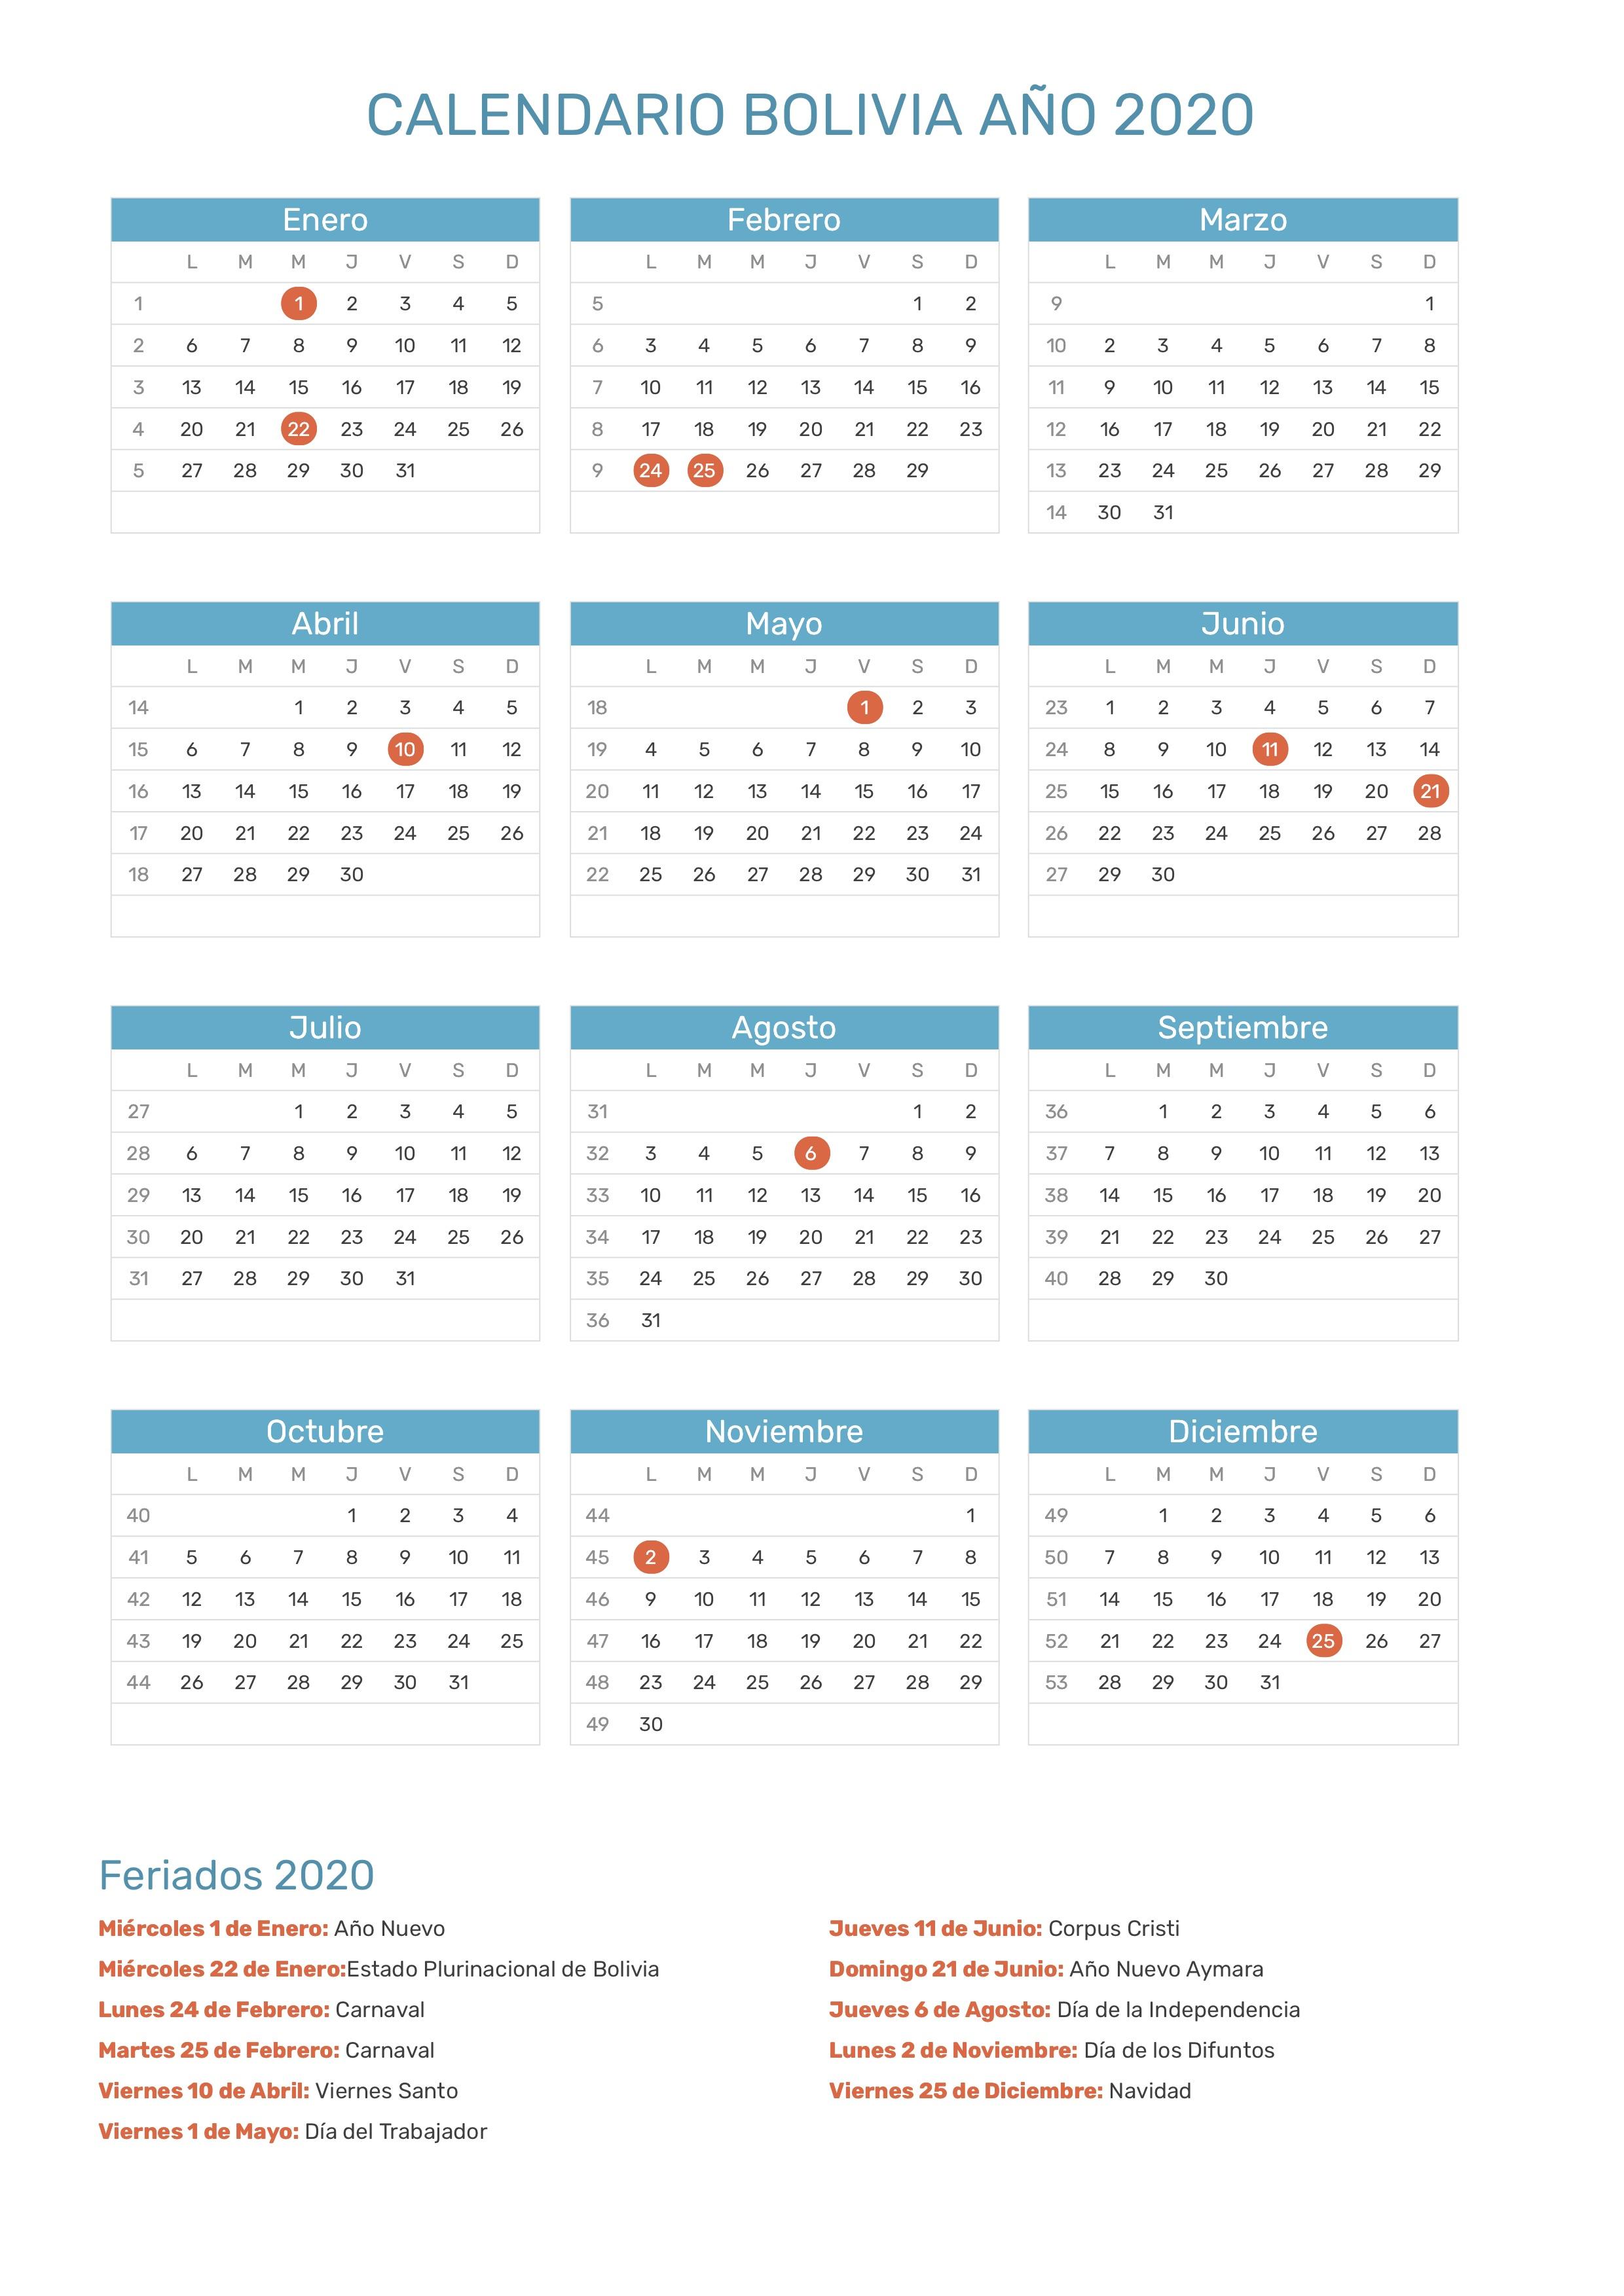 Calendario Del Ano 2020 En Espanol.Calendario De Bolivia Ano 2020 Feriados